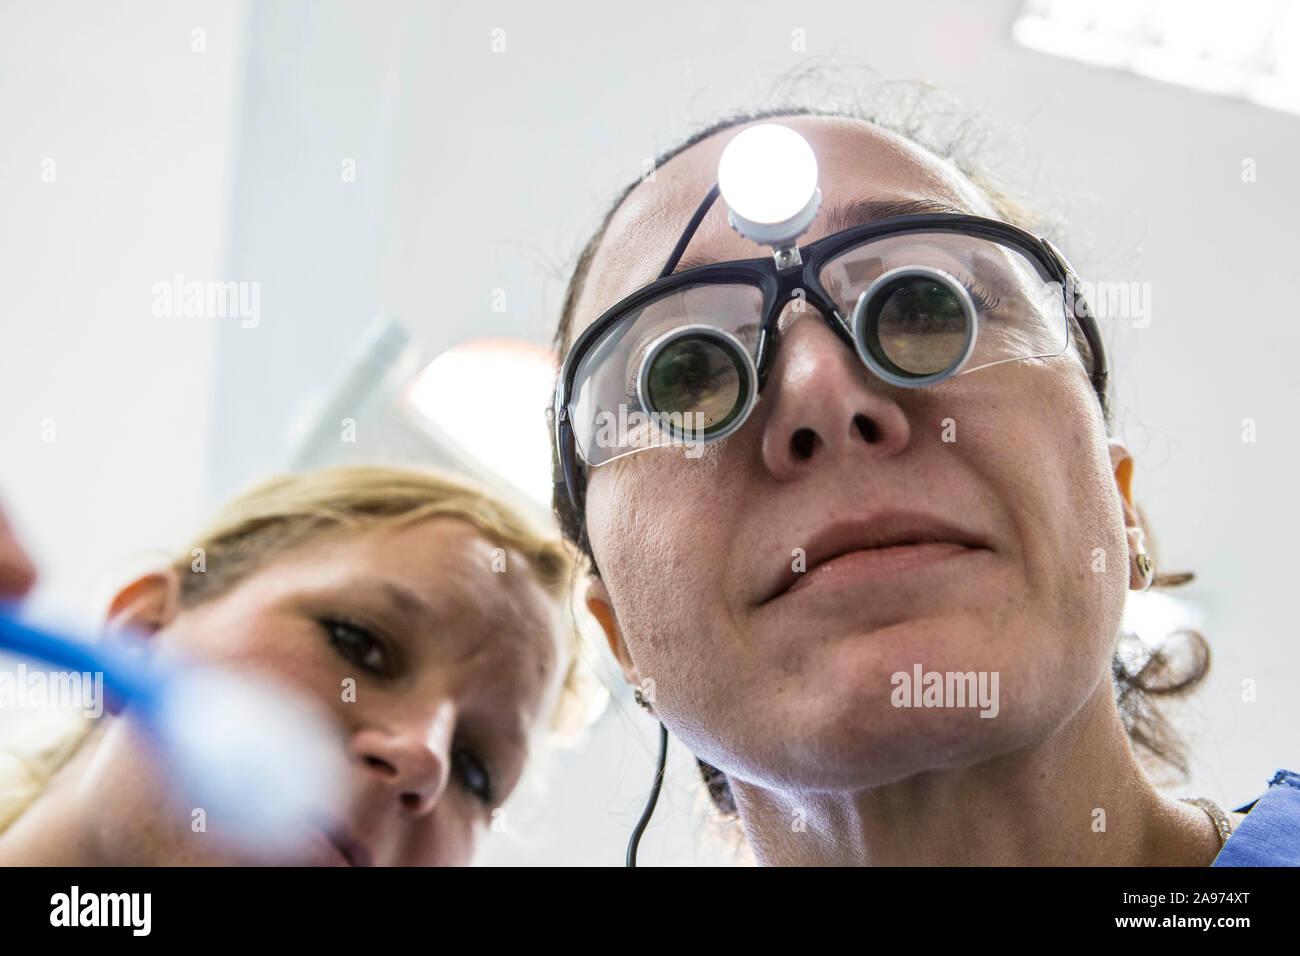 Eine Zahnärztin trägt bei der Behandlung ihrer Patienten eine Lupenbrile. Diese beleuchtete Spezialbrille hat eine Schutzwirkung gegen Splitter beim B Stock Photo